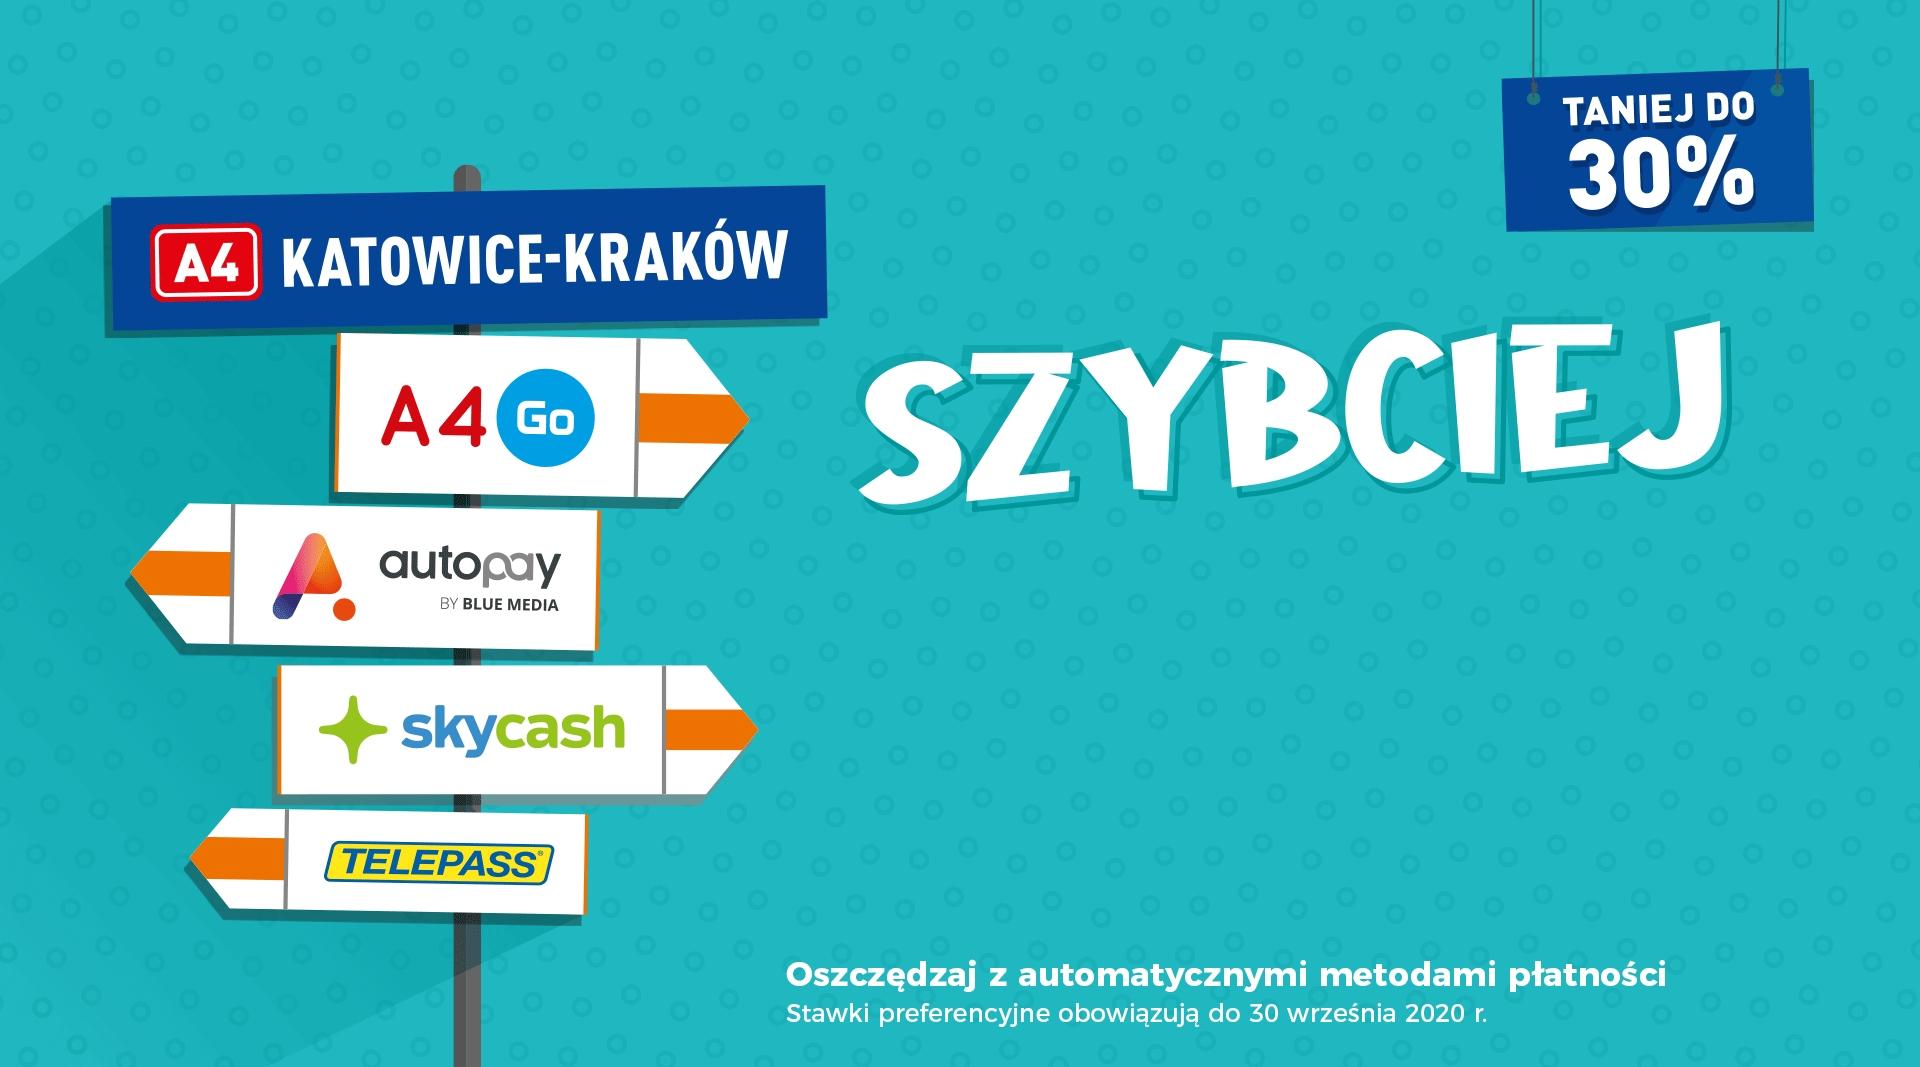 Tańsze przejazdy A4 Katowice-Kraków przez 2 lata! Zamiast podwyżki o kilkanaście % - zachowana cena przez 730 dni.